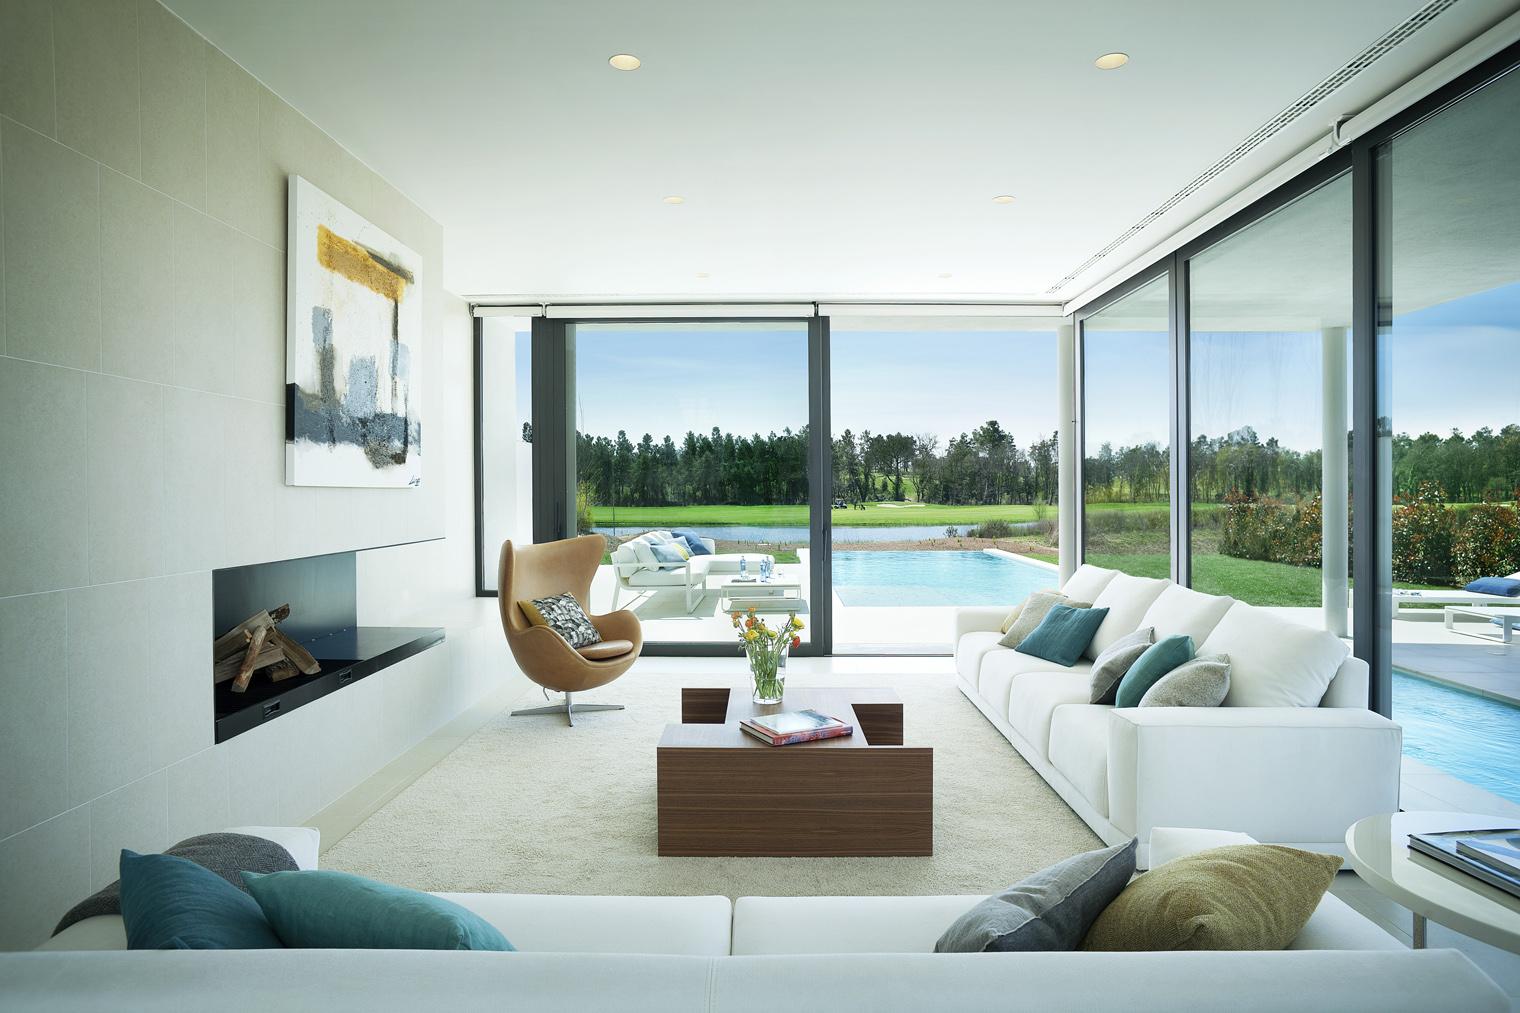 revista de diseño interiorismo y arquitectura